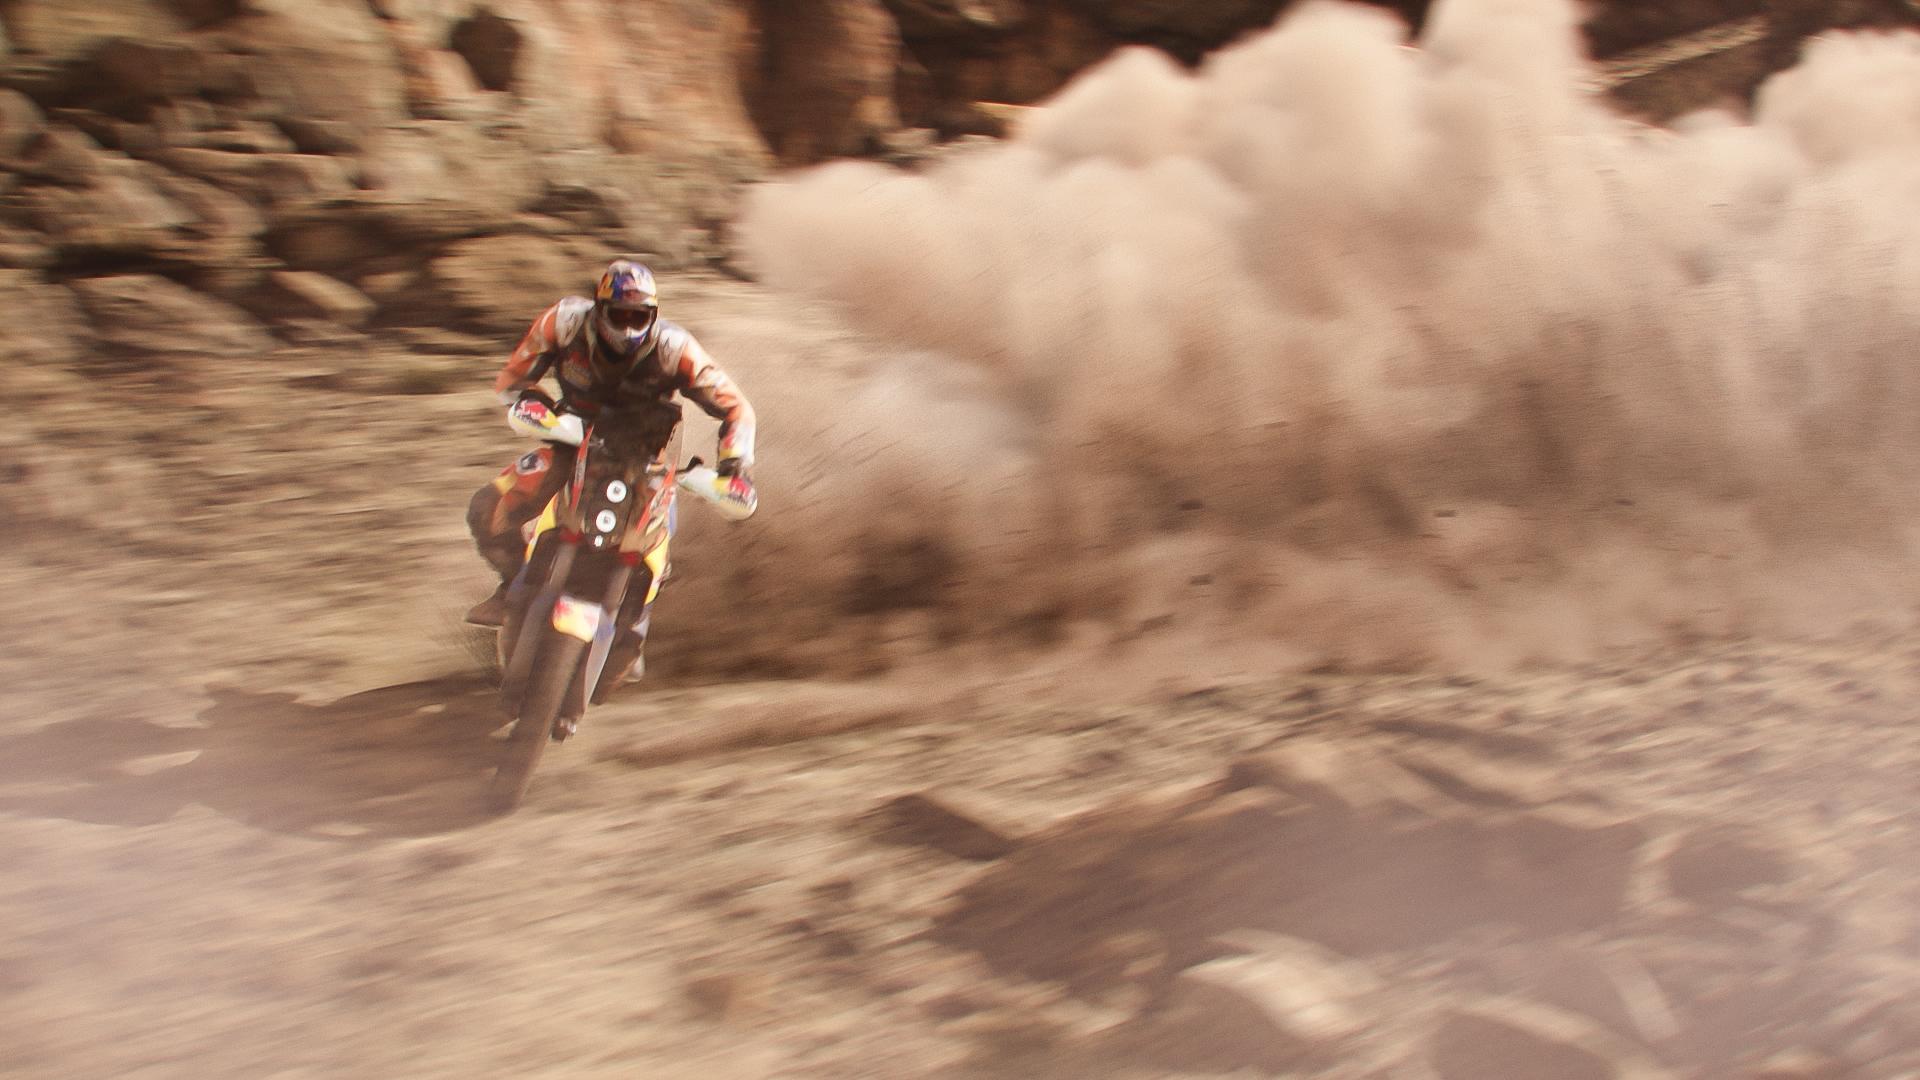 Dakar 18 game screenshot